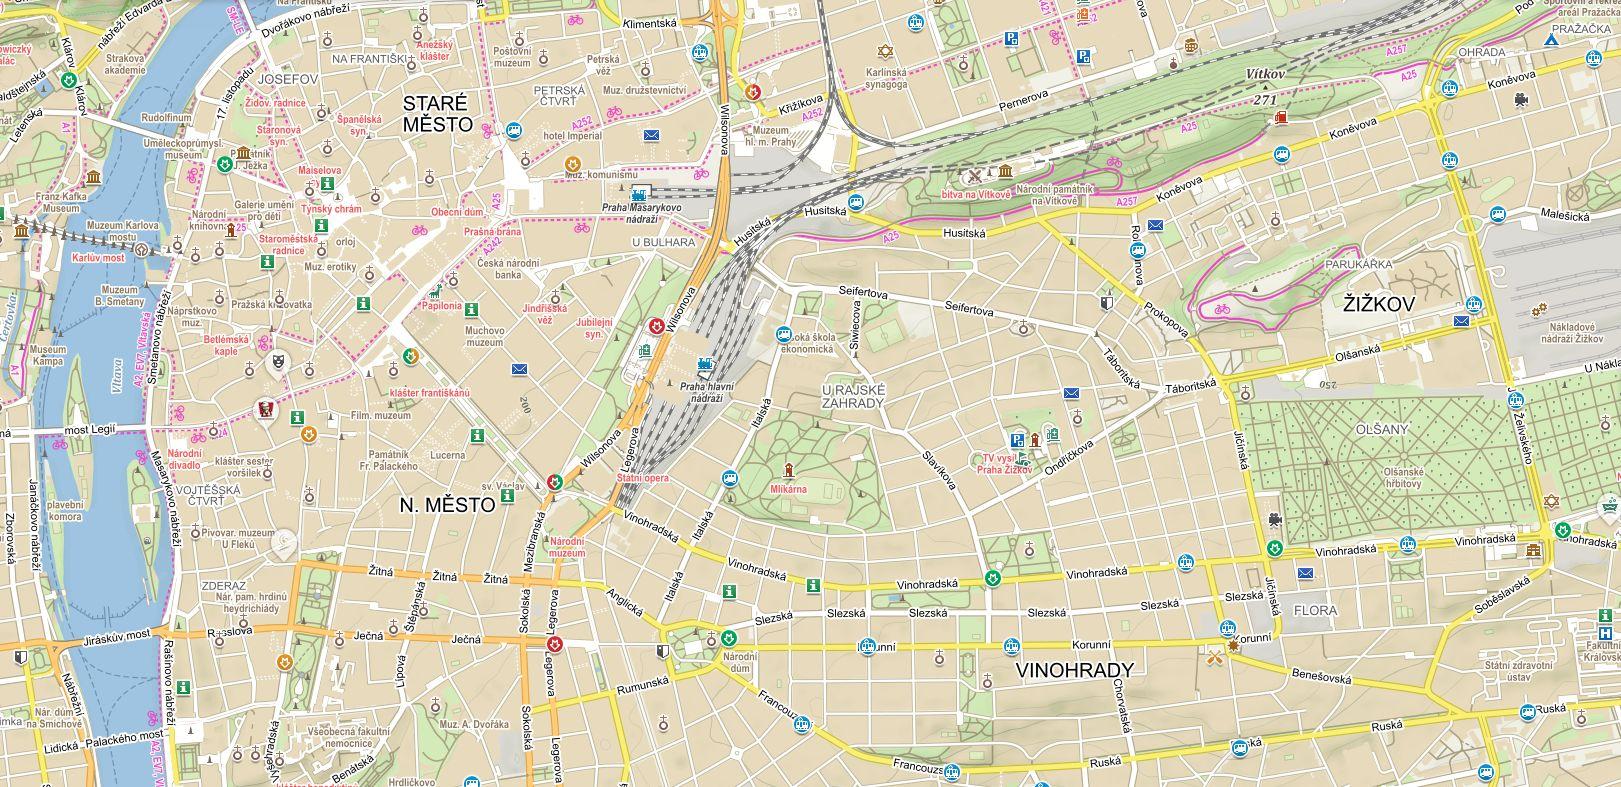 zizkov-mapa